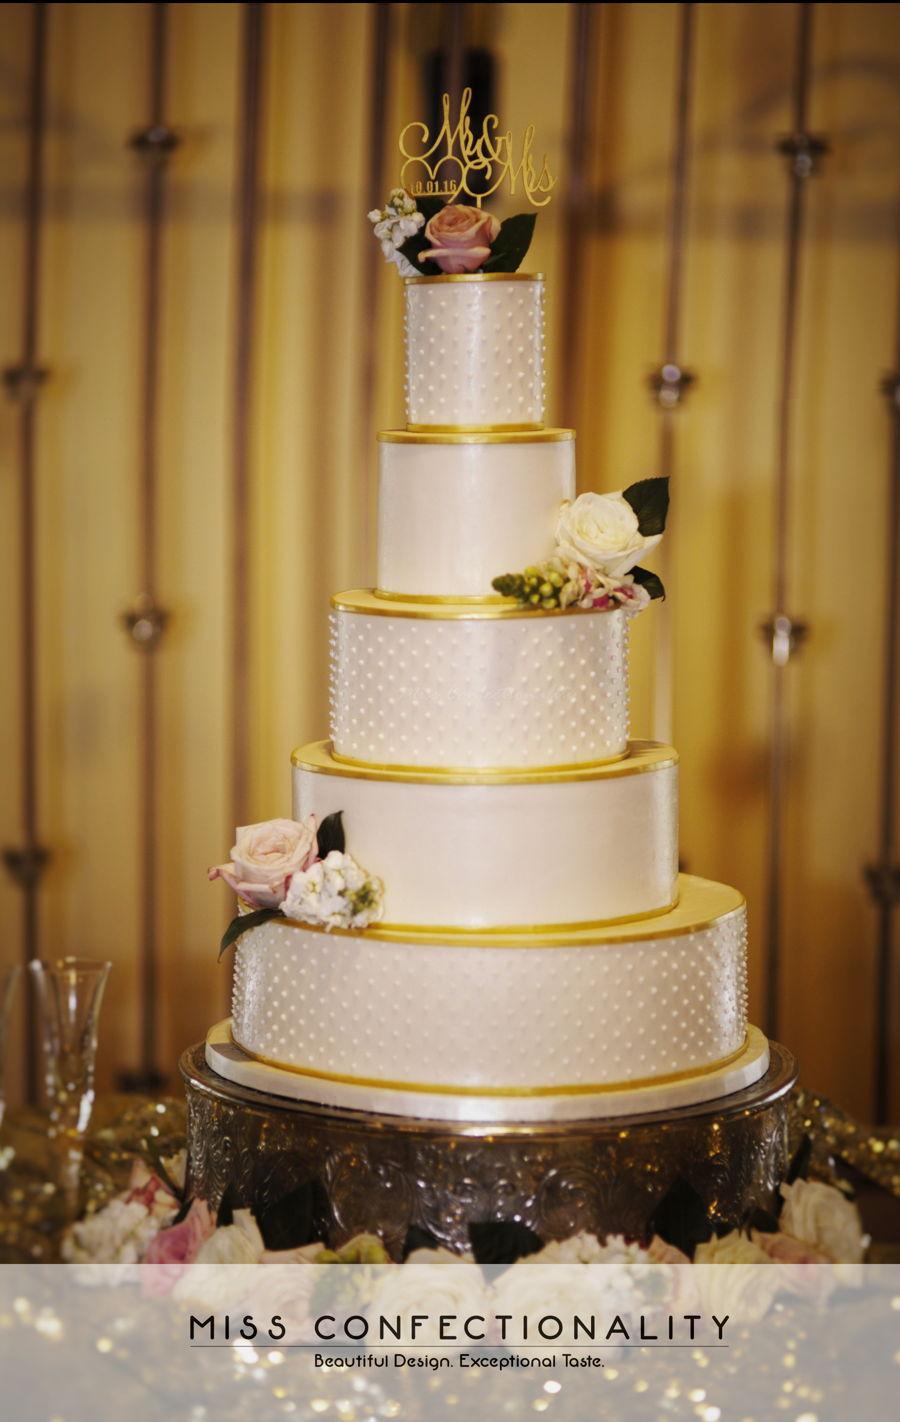 Gold Trim Wedding Cake - CakeCentral.com